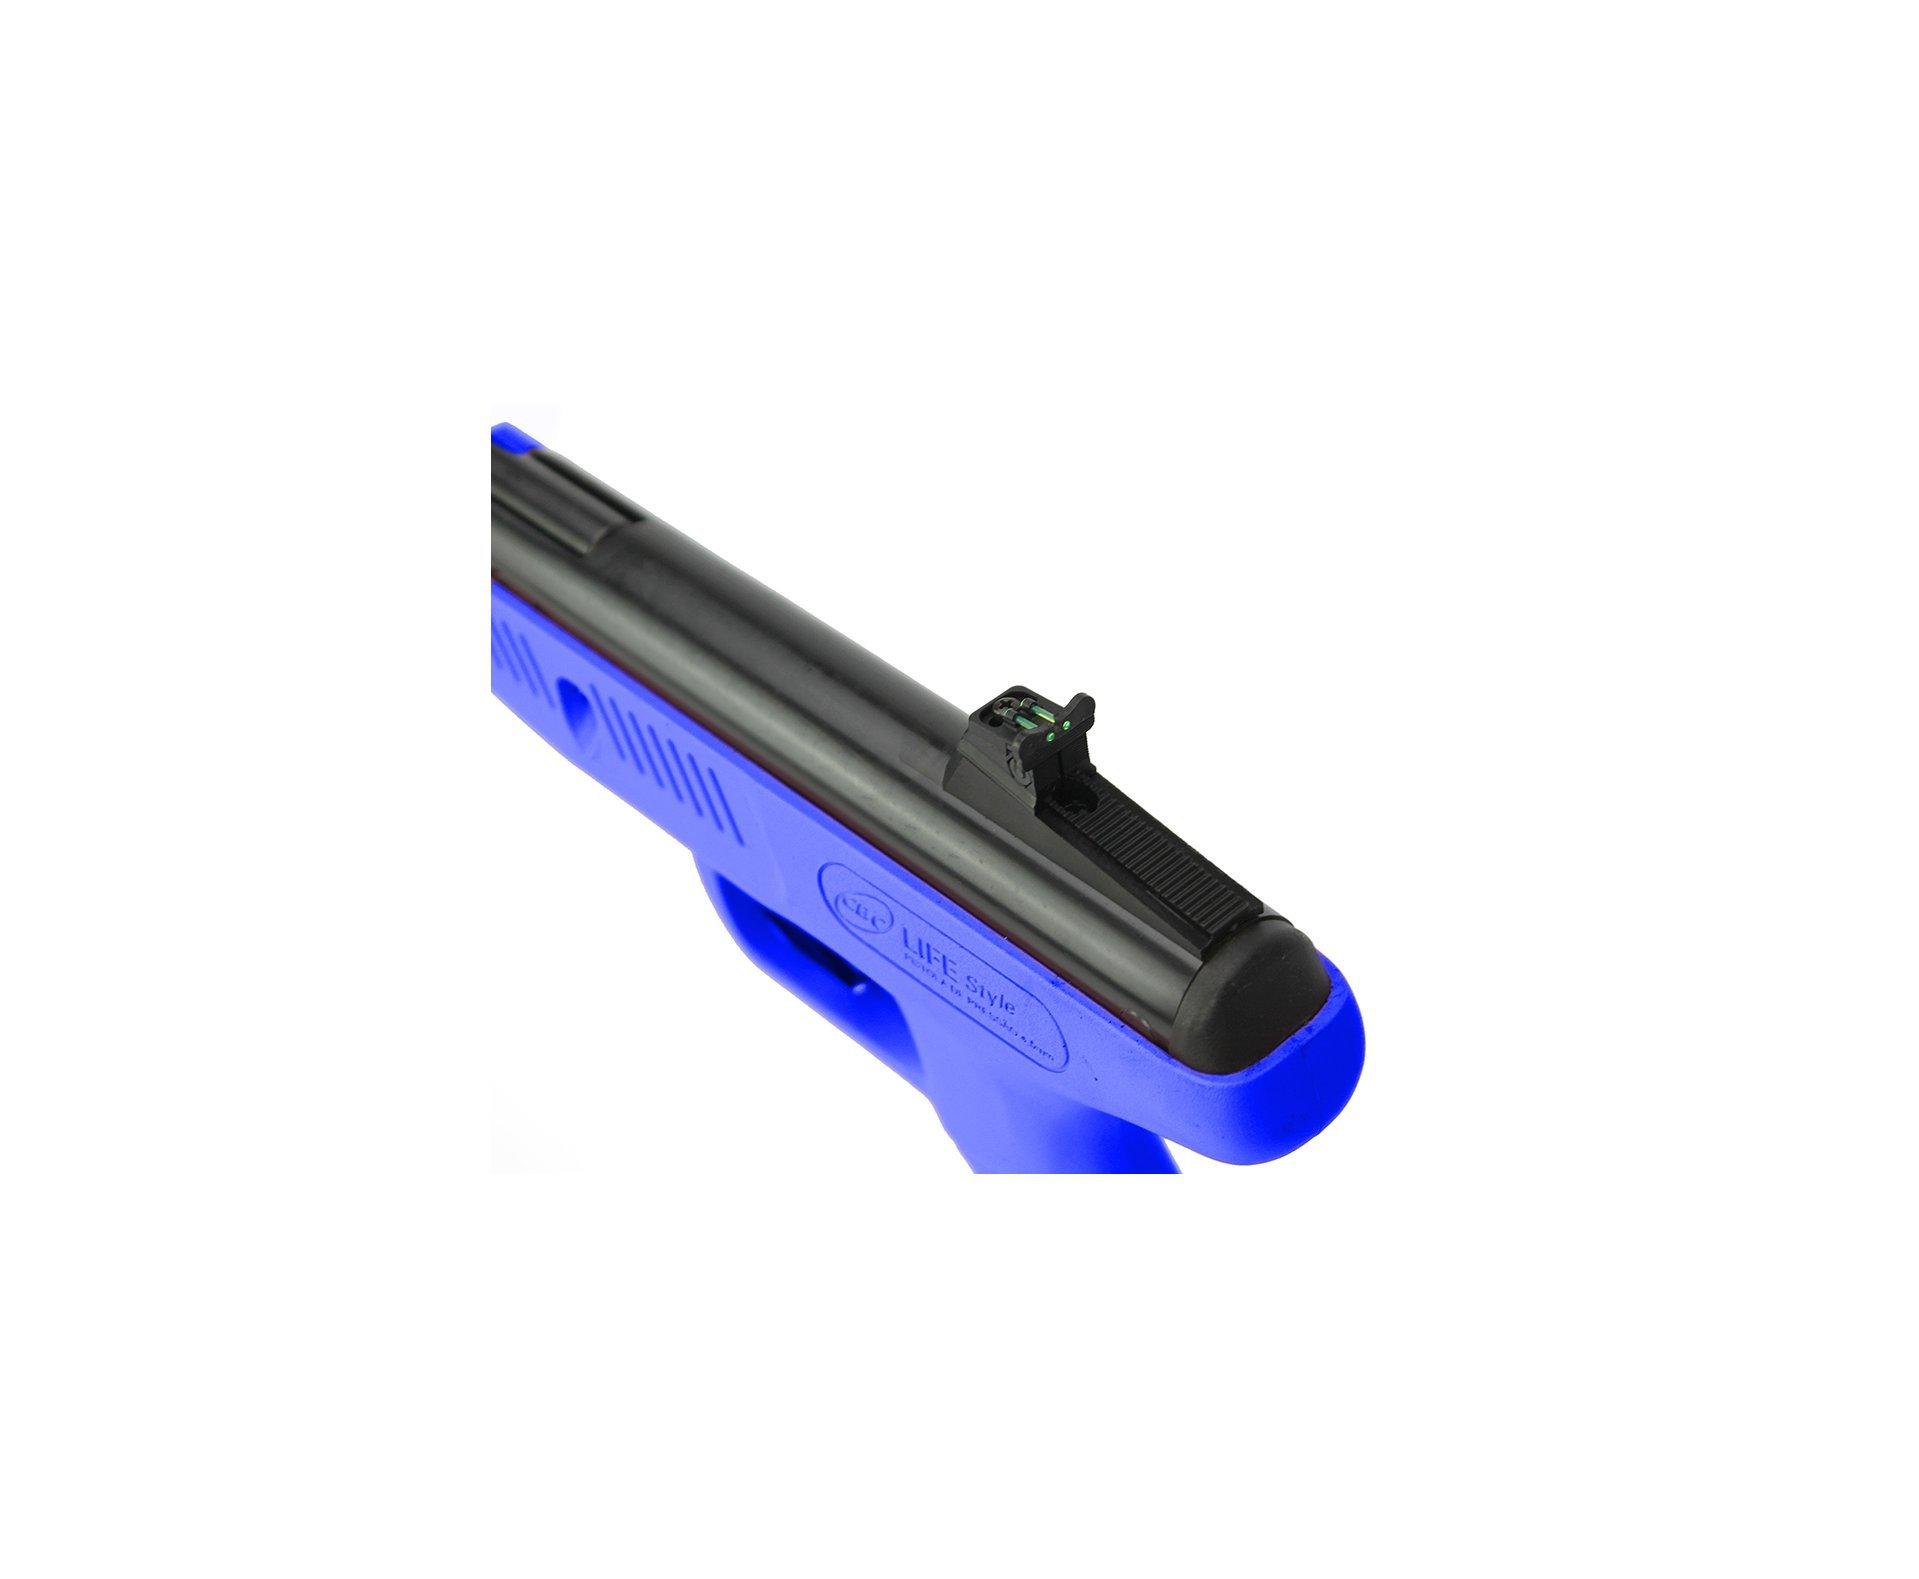 Pistola De Pressão Cbc Life Style Azul - Calibre 4,5 Mm